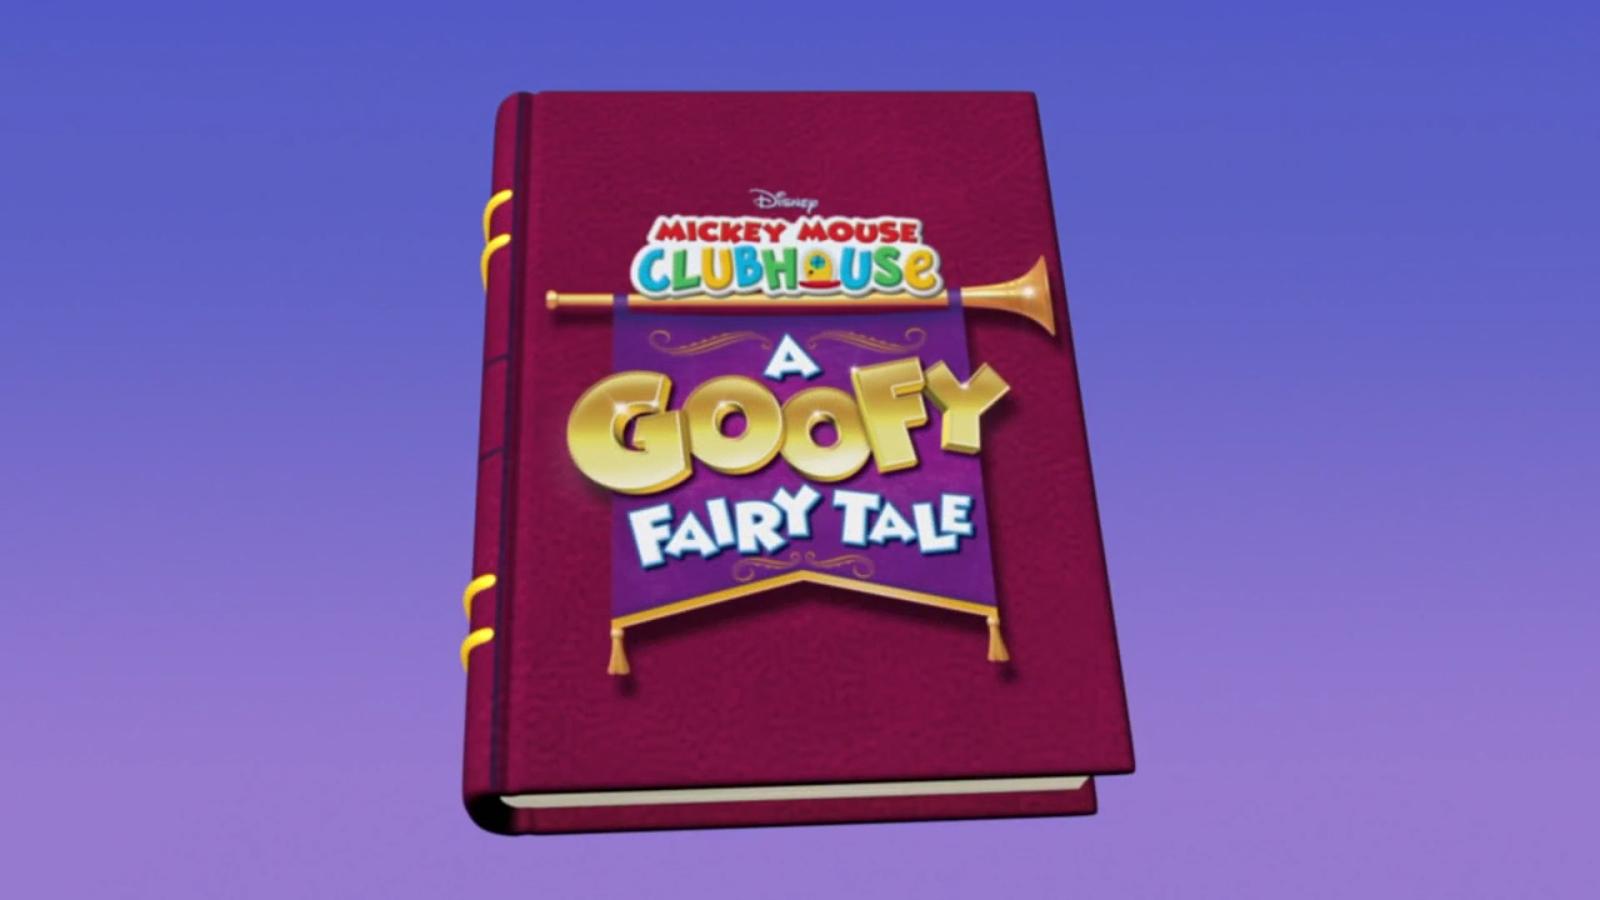 A Goofy Fairy Tale